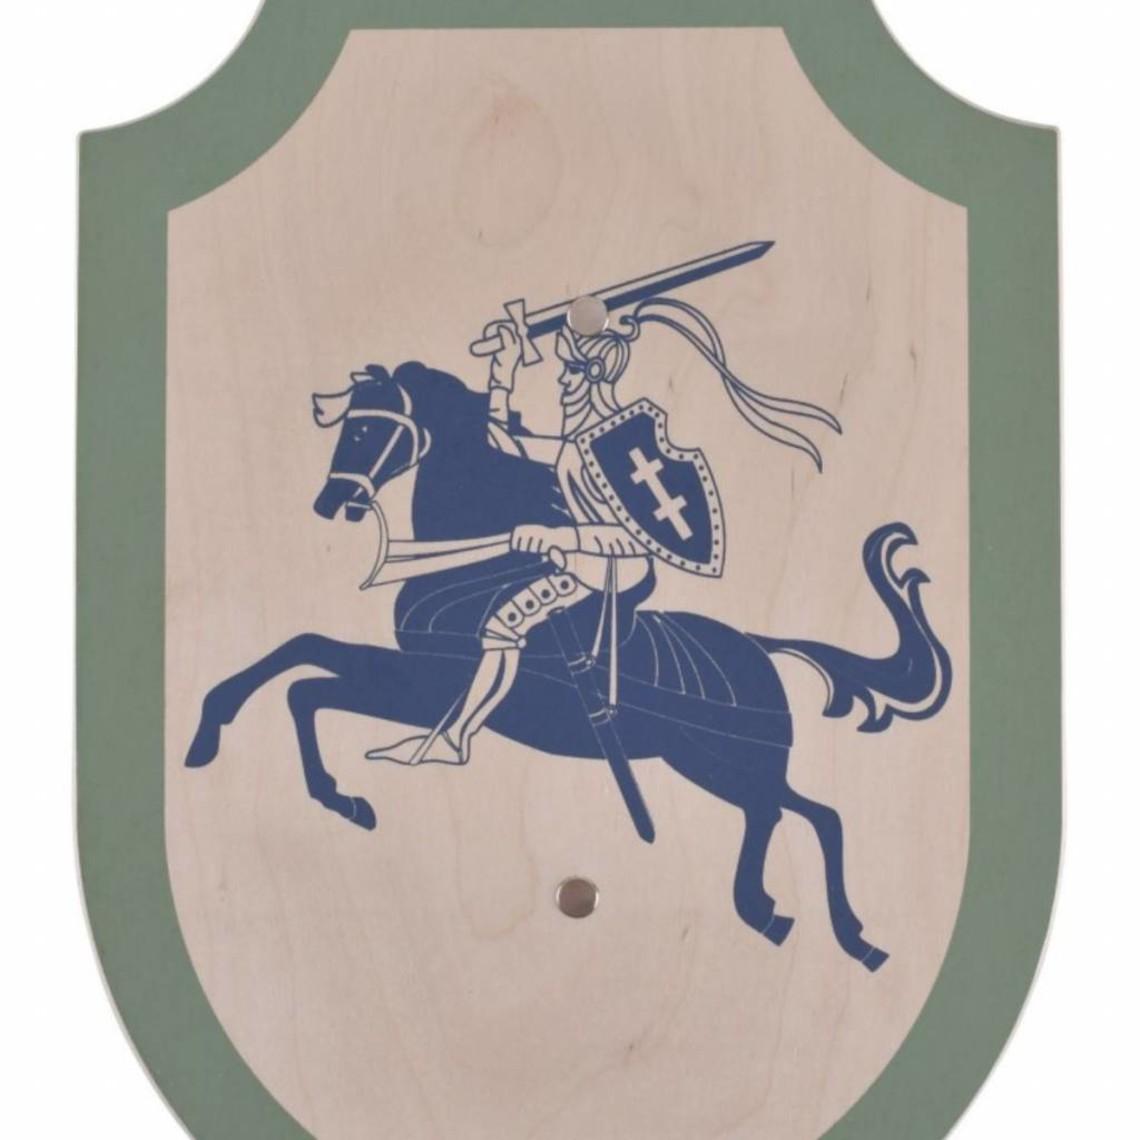 Toy Ritter Schild Turnier, grün-blau